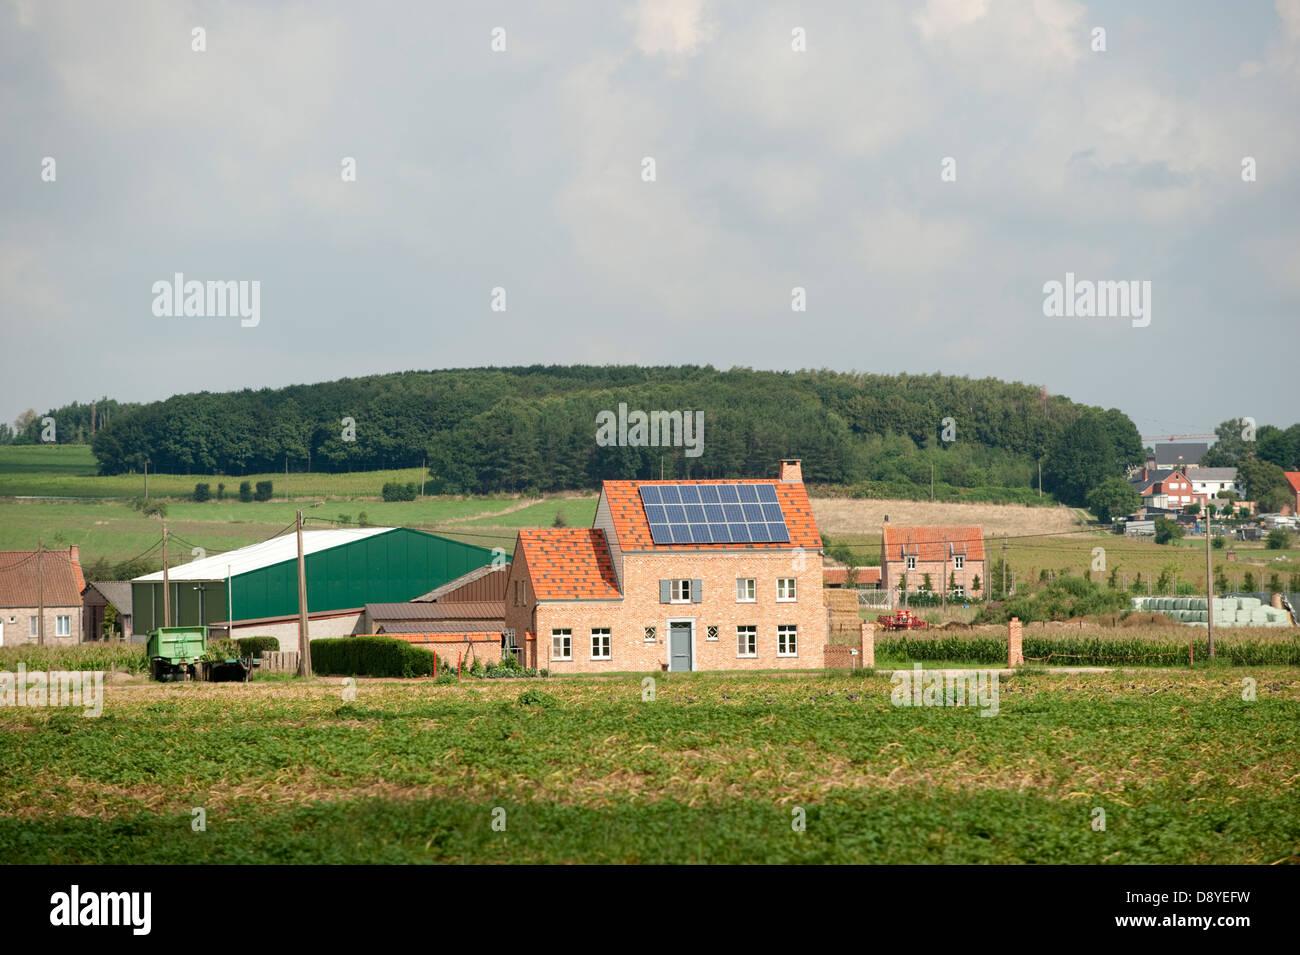 Granja de paneles solares en el techo Rural Europa Bélgica Bekkevoort Imagen De Stock